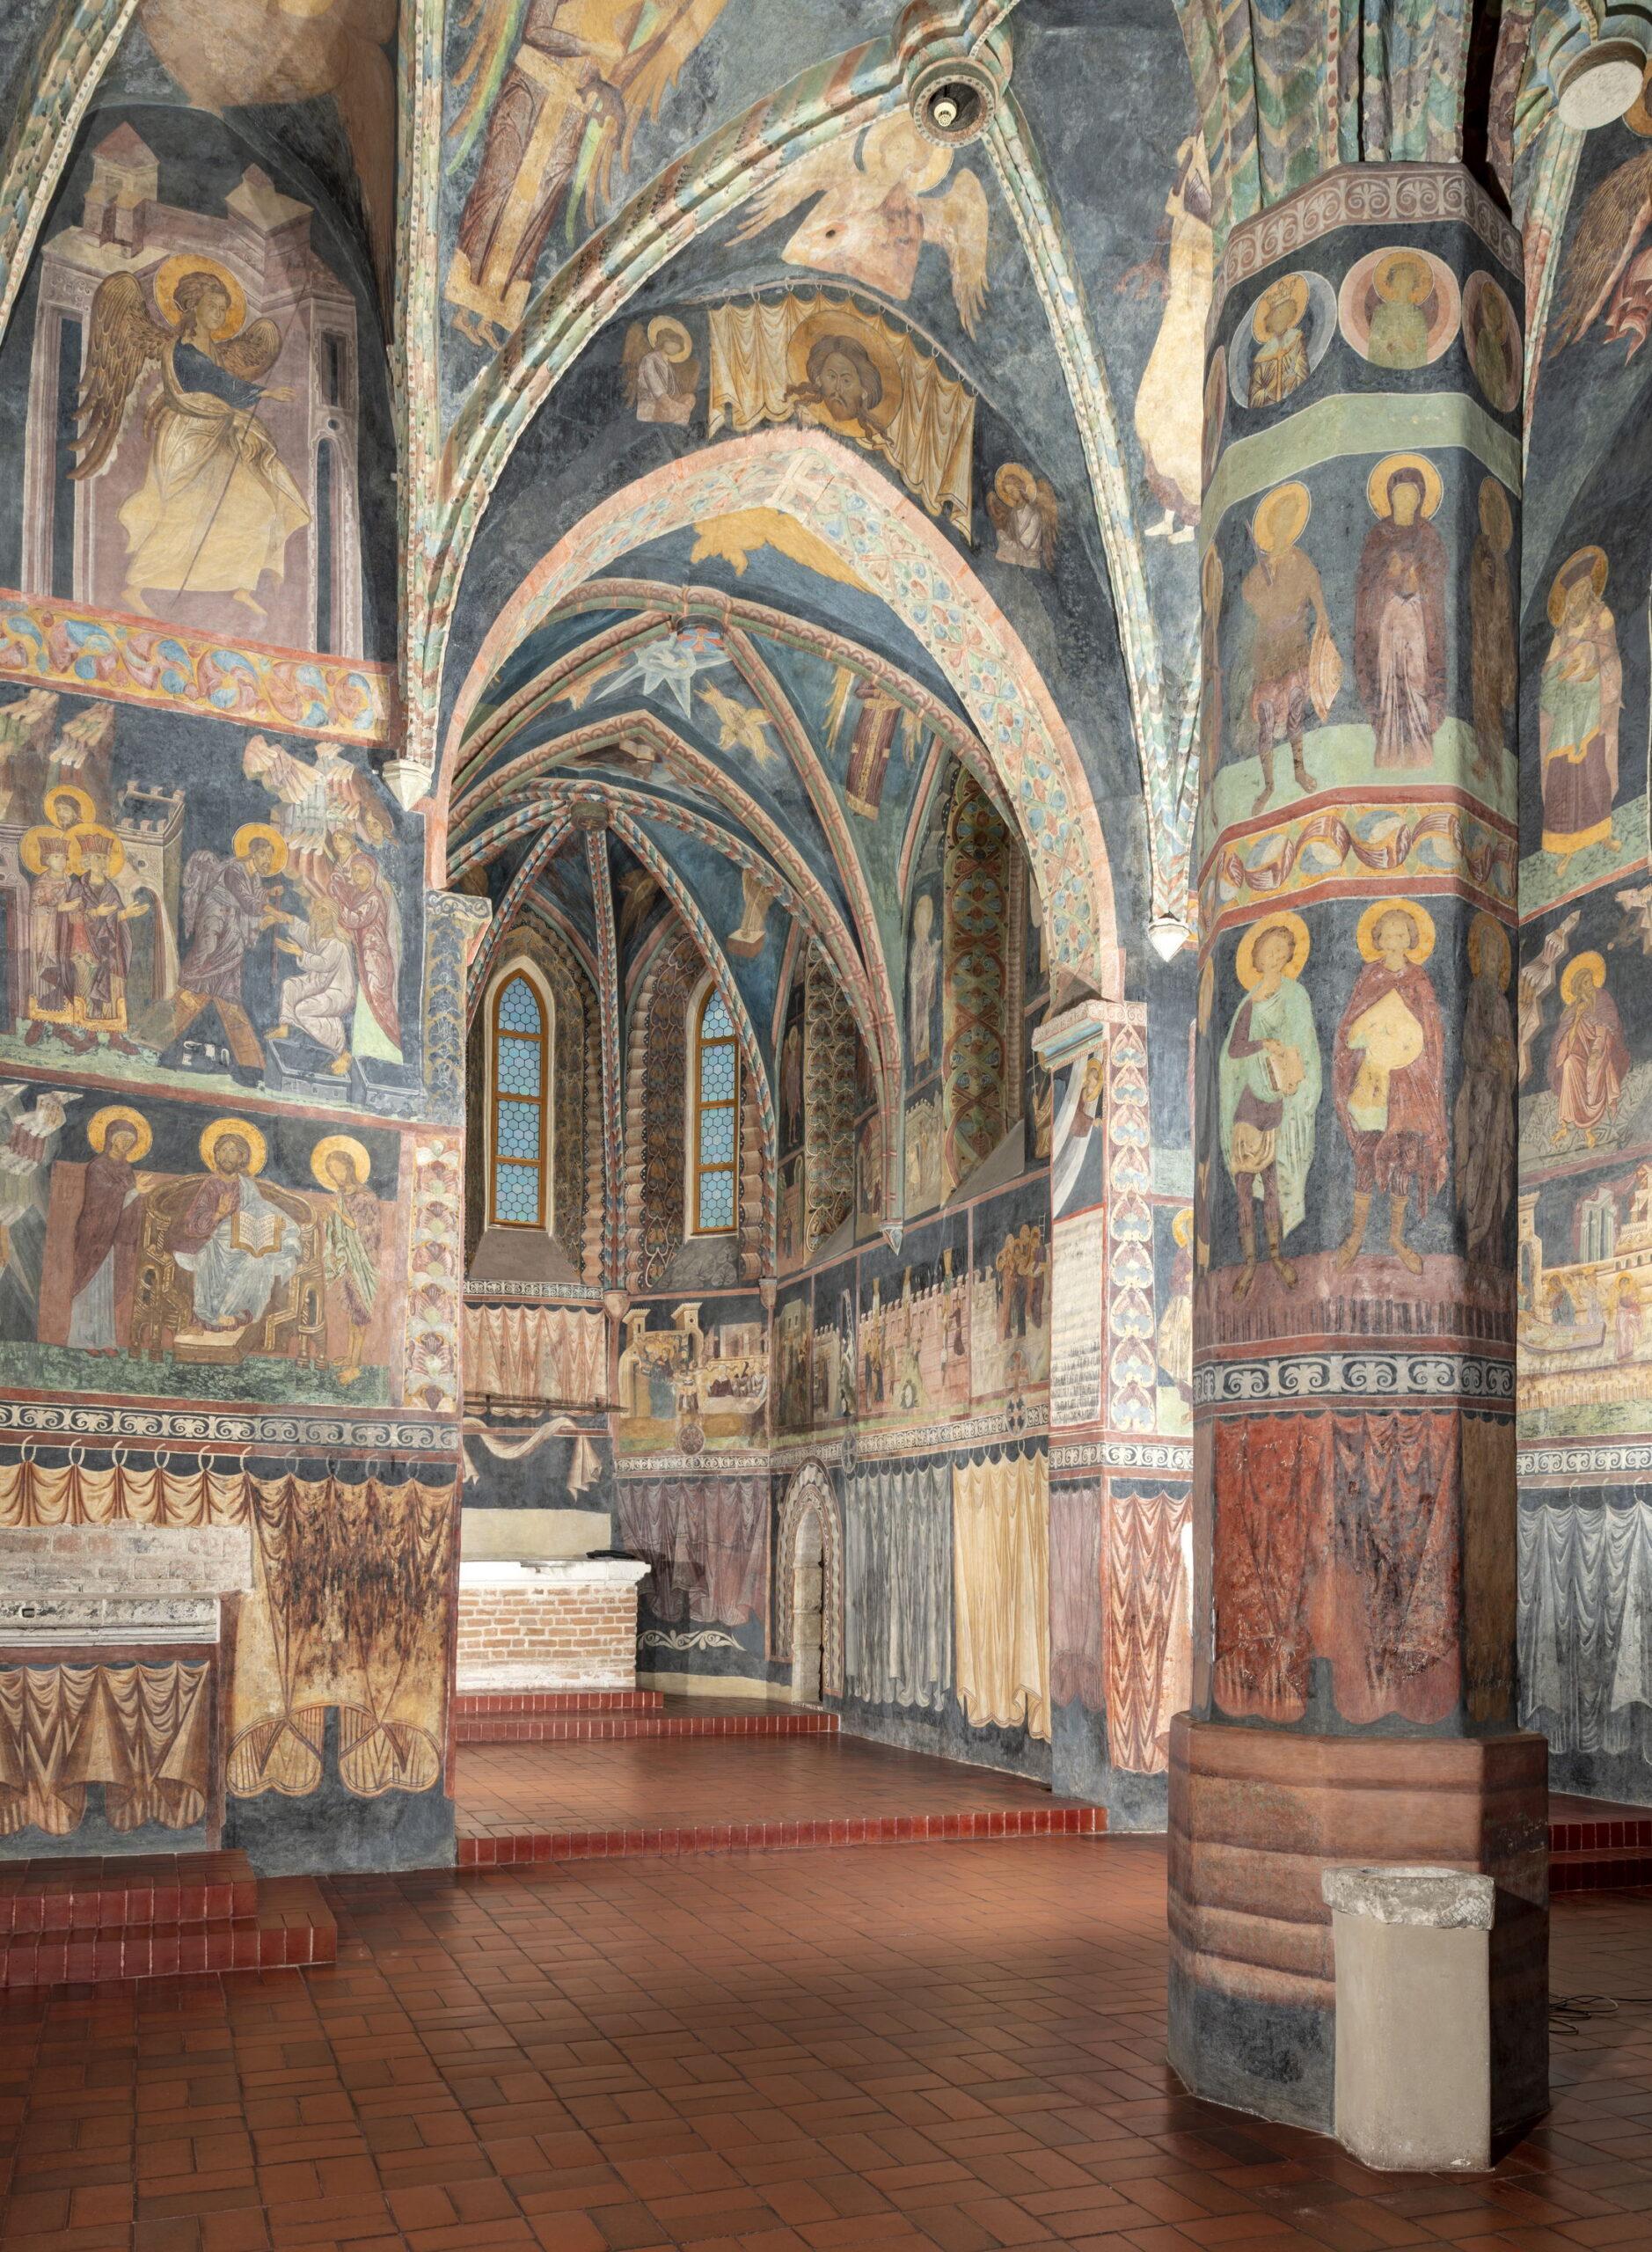 Fotografia wnętrza kaplicy. Ceglana podłoga. Po prawej filar podtrzymujący sklepienie. Ściany i sufit ozdobione kolorowymi malowidłami o tematyce religijnej.